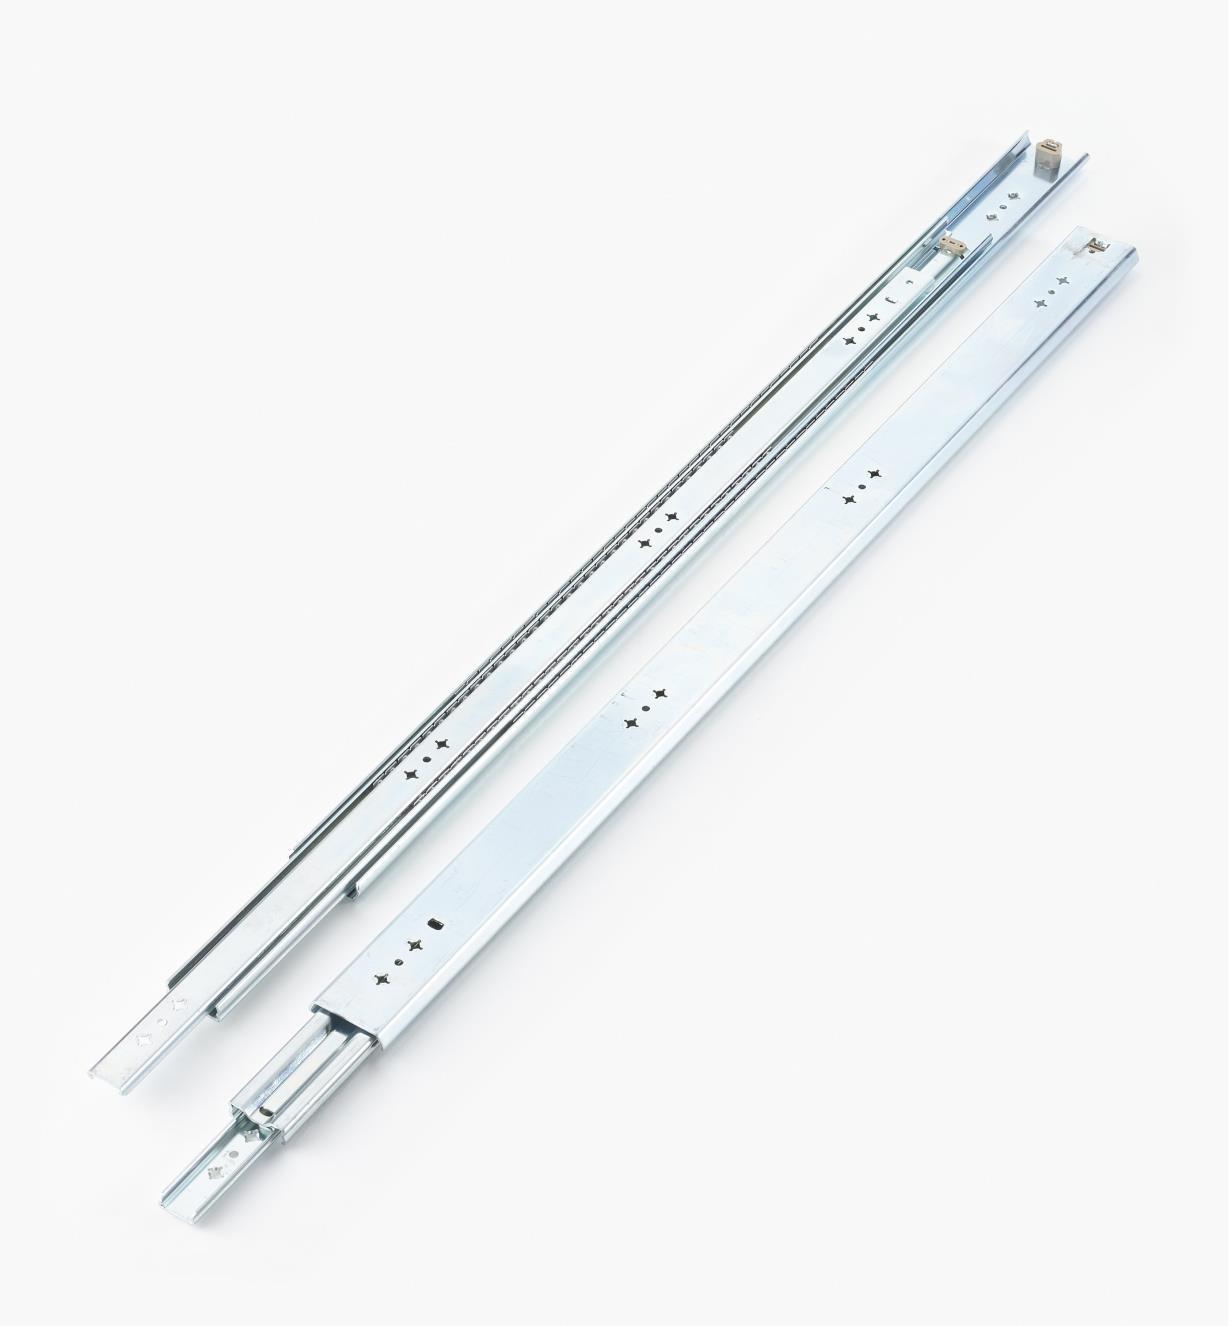 02K3236 - Coulisses de 36po (900mm) à extension complète pour charge de 200lb, la paire